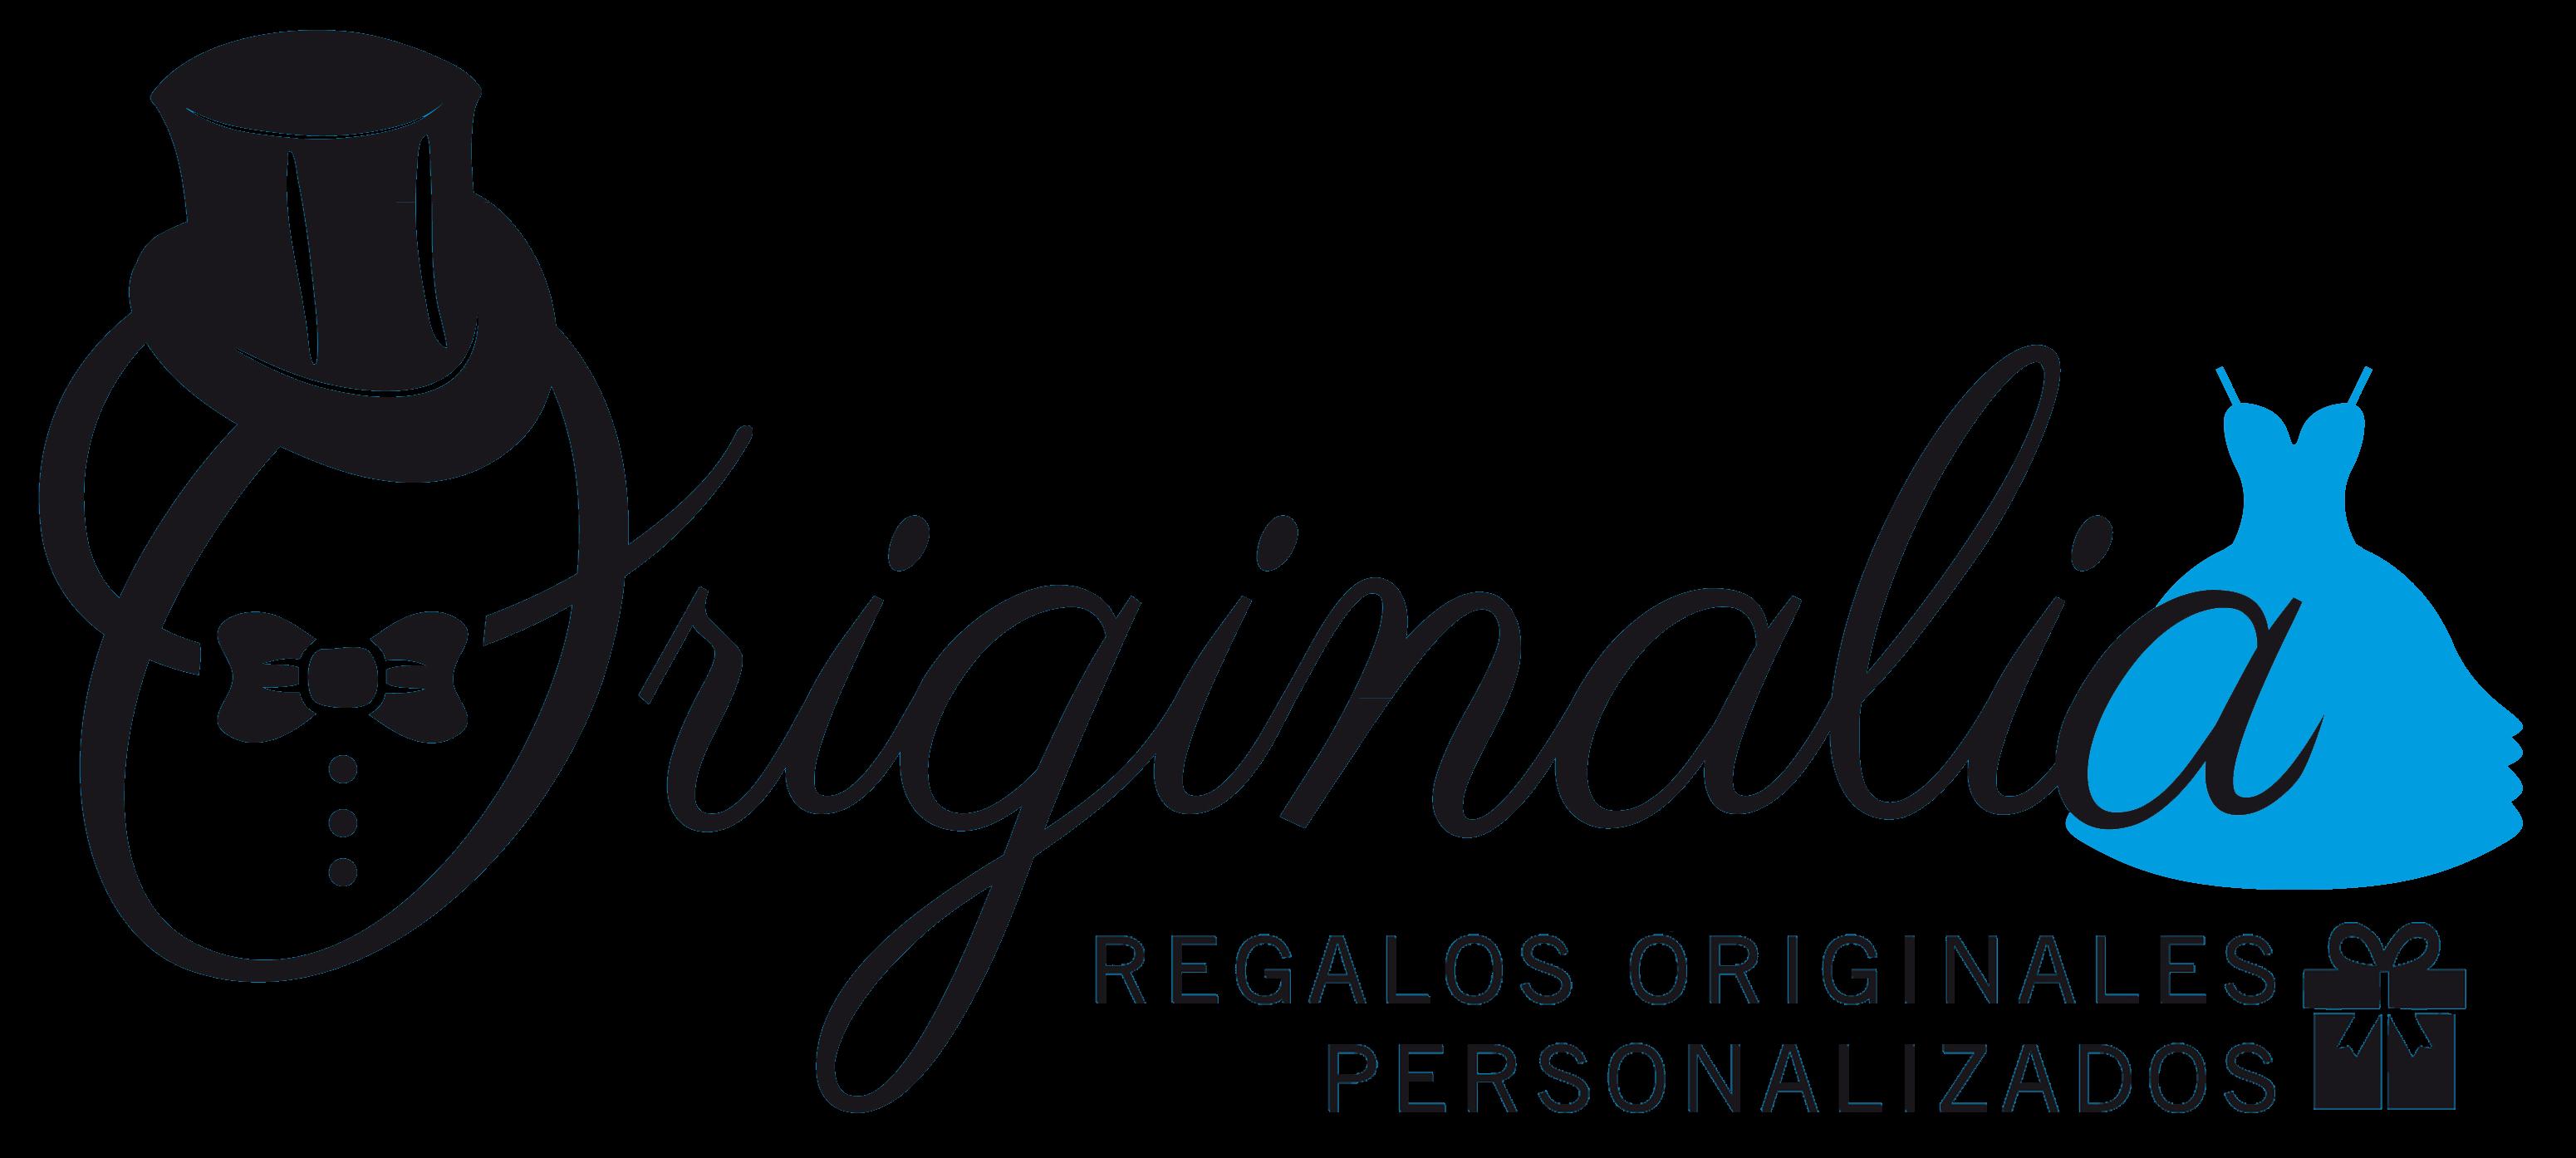 Originalia Salamanca